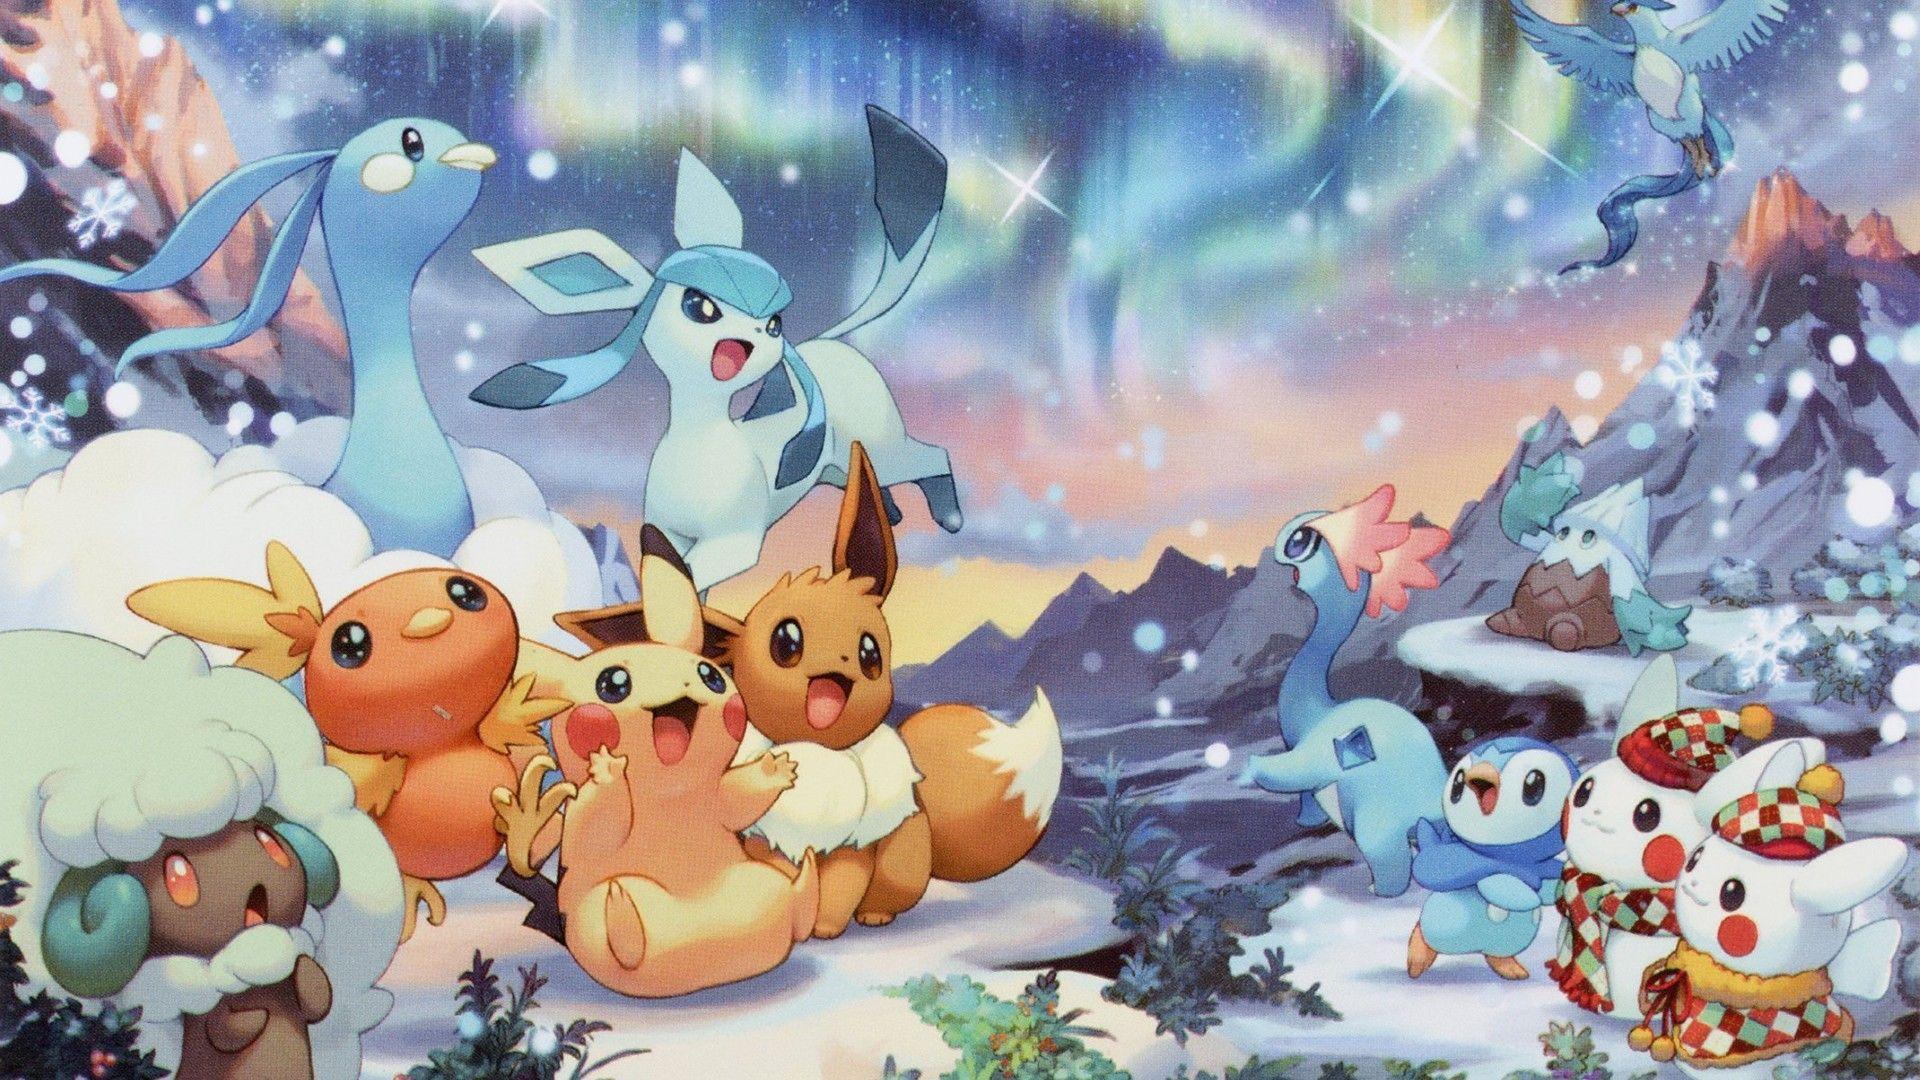 Hd Wallpaper Pokemon Pikachu Wallpaper Cute Pokemon Wallpaper